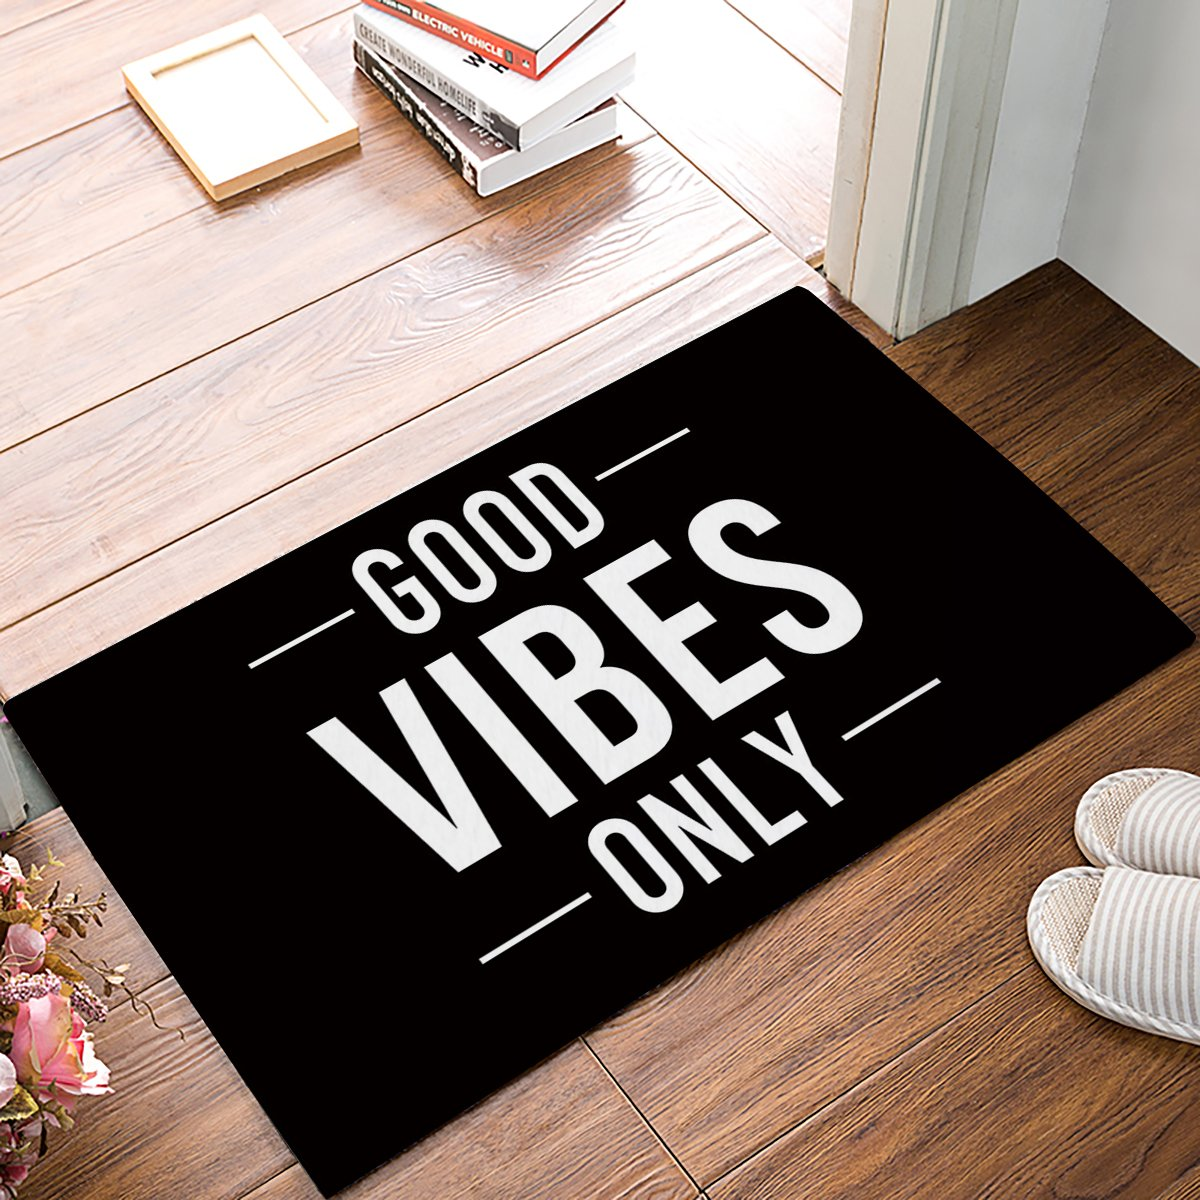 CHARMHOME Good Vibes Only Welcome Doormat Entrance Floor Mat Rug Indoor/Front Door/Bathroom/Kitchen and Living Room/Bedroom Mats Rubber Non Slip